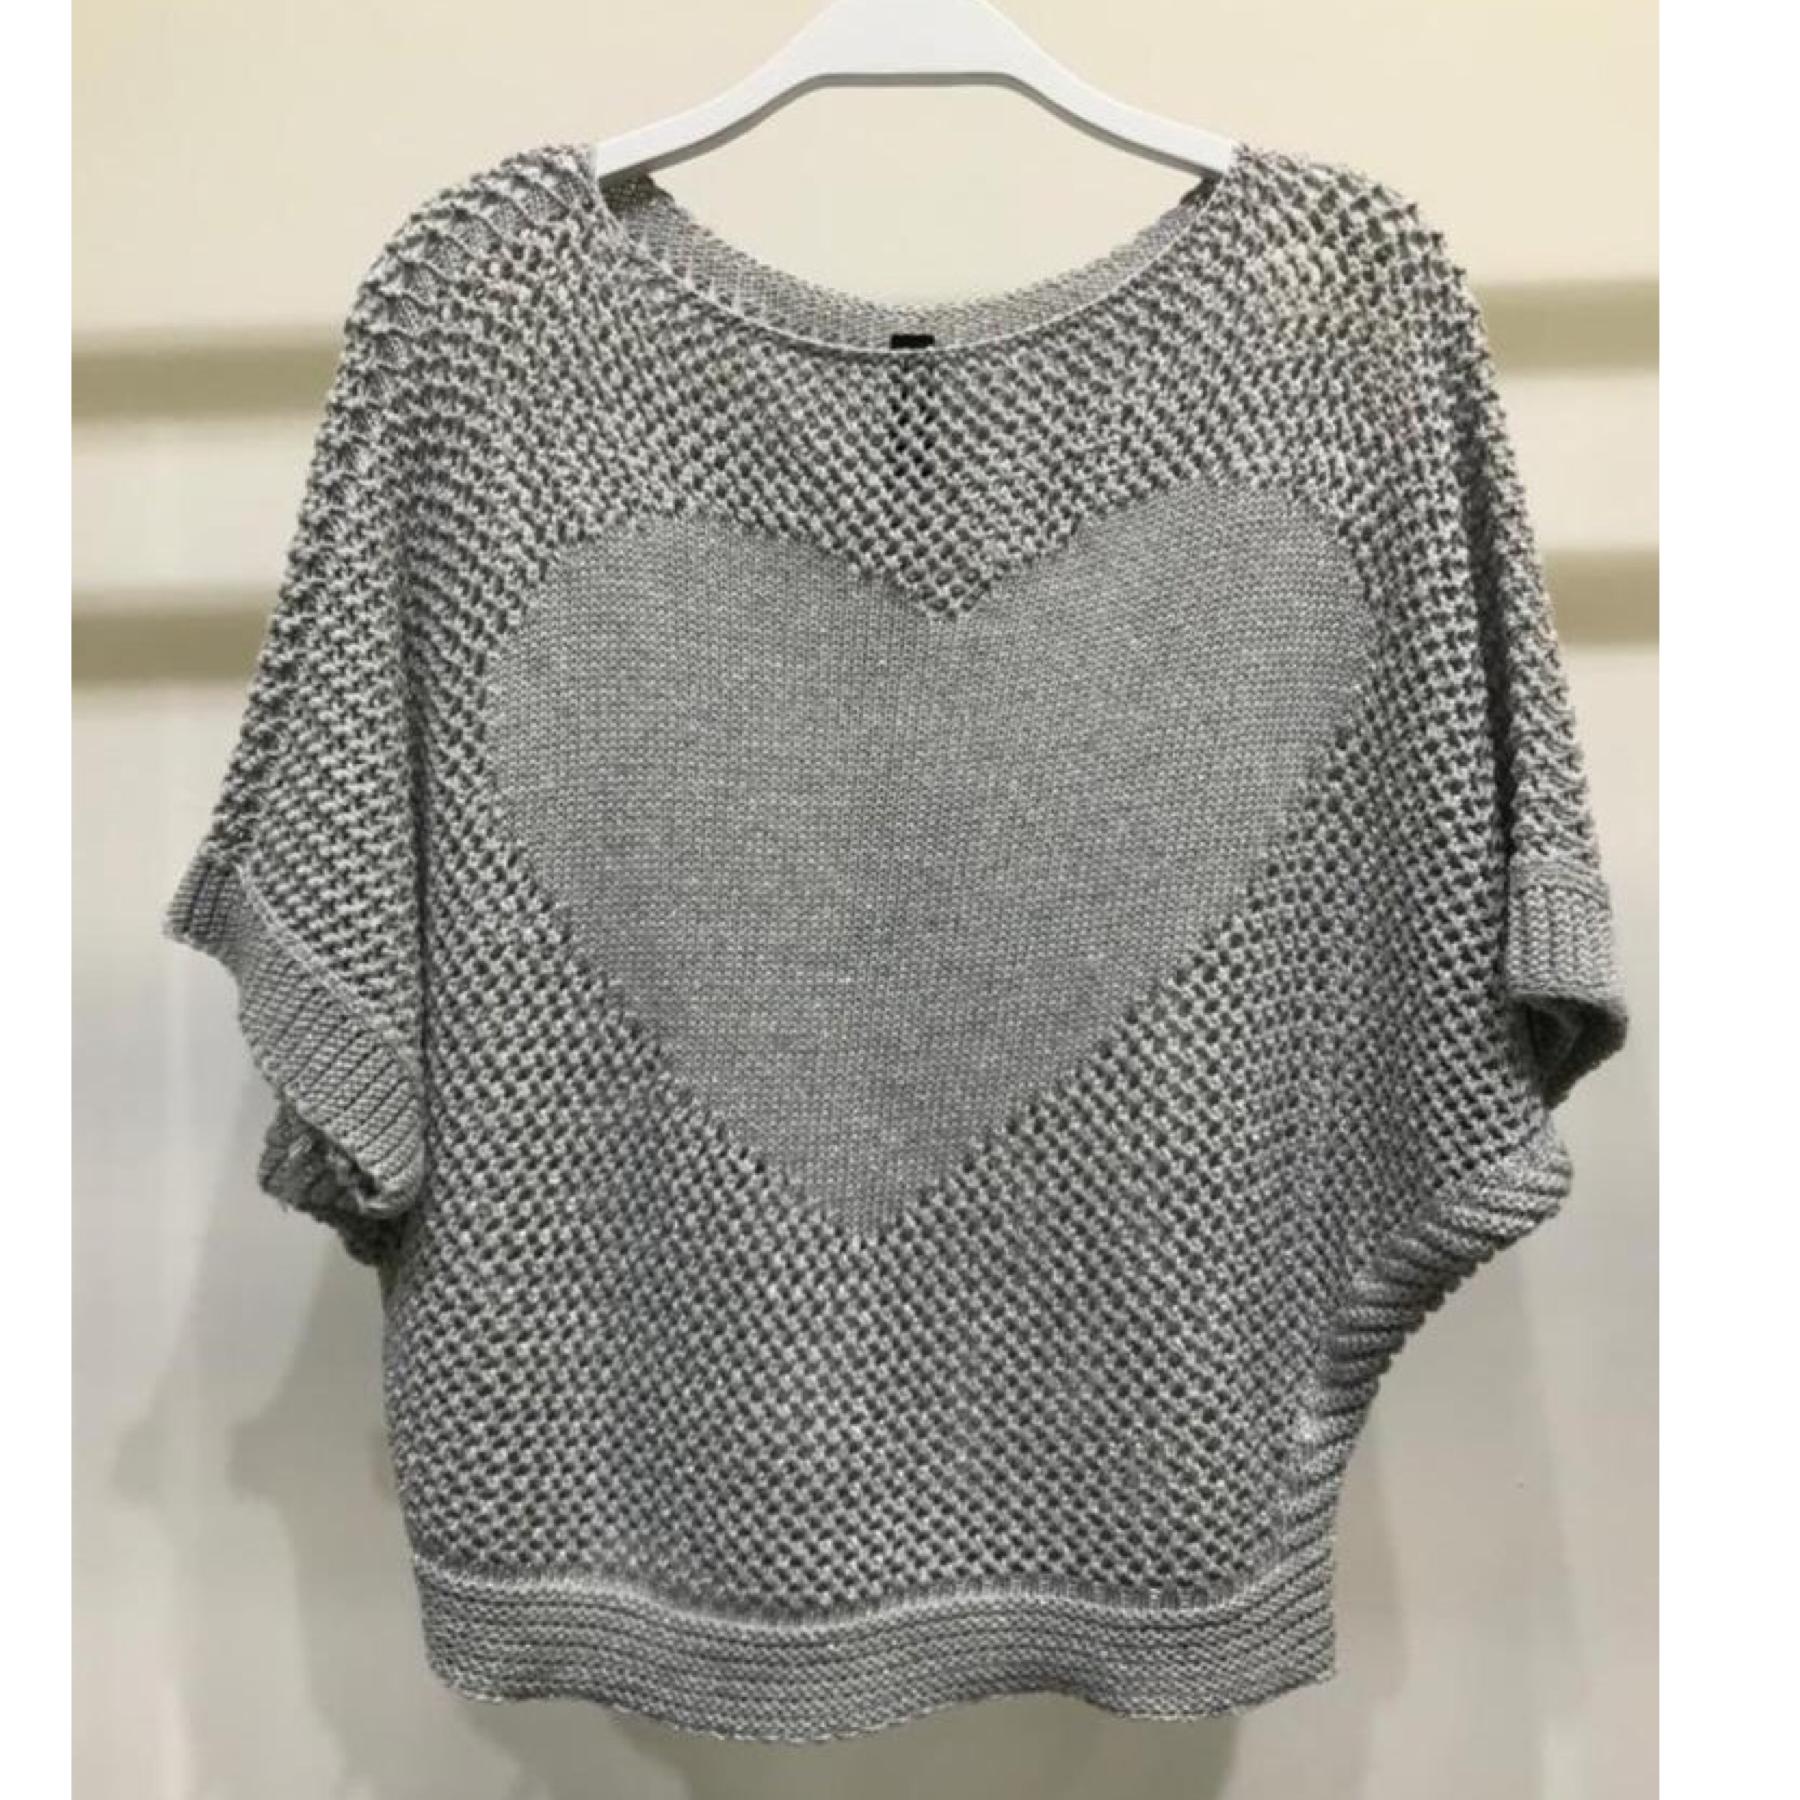 Crochet Knit Heart with Lurex Top